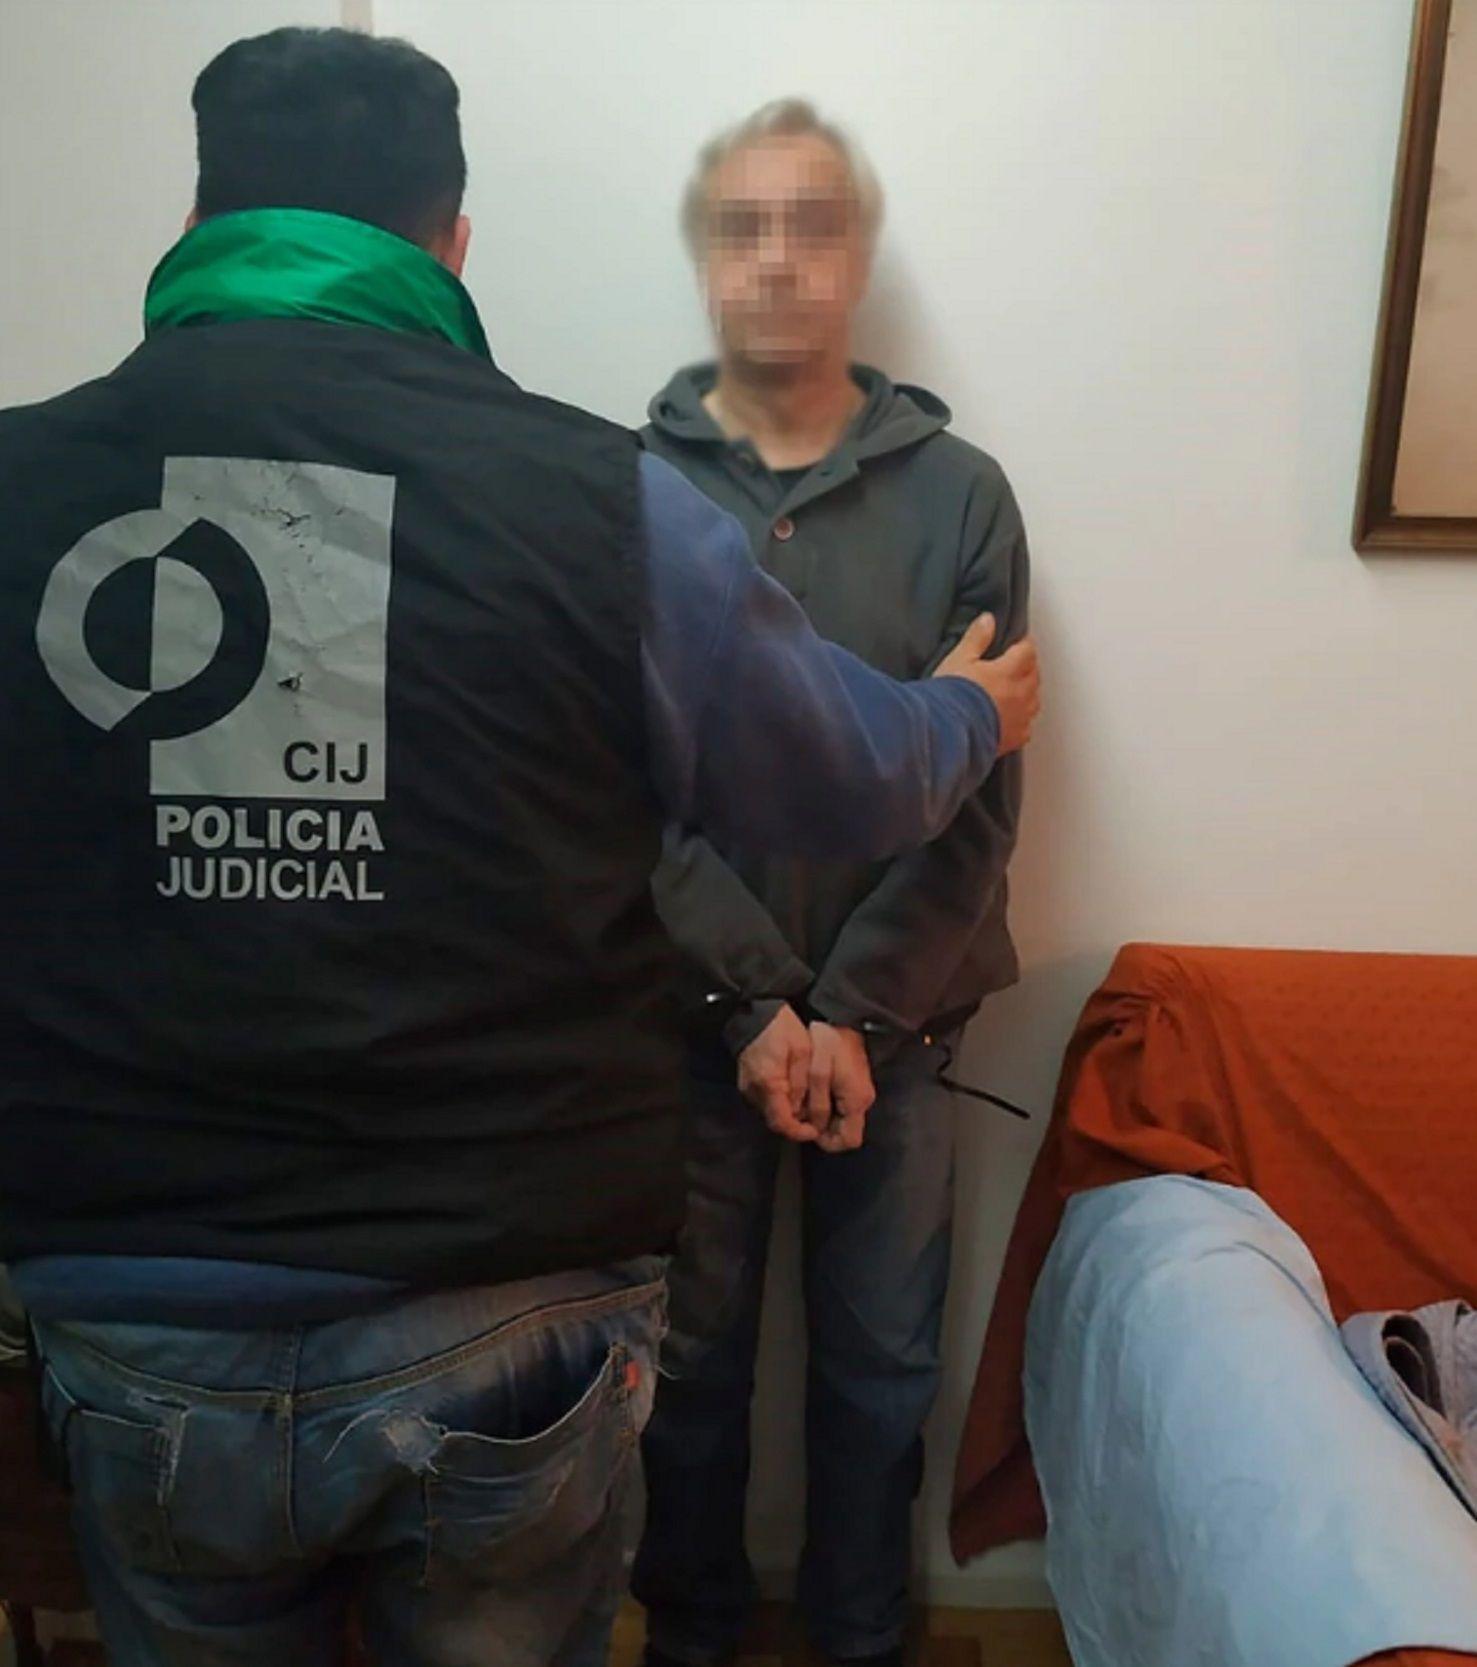 Alberto Rodríguez está acusado de producir y distribuir pornografía infantil.